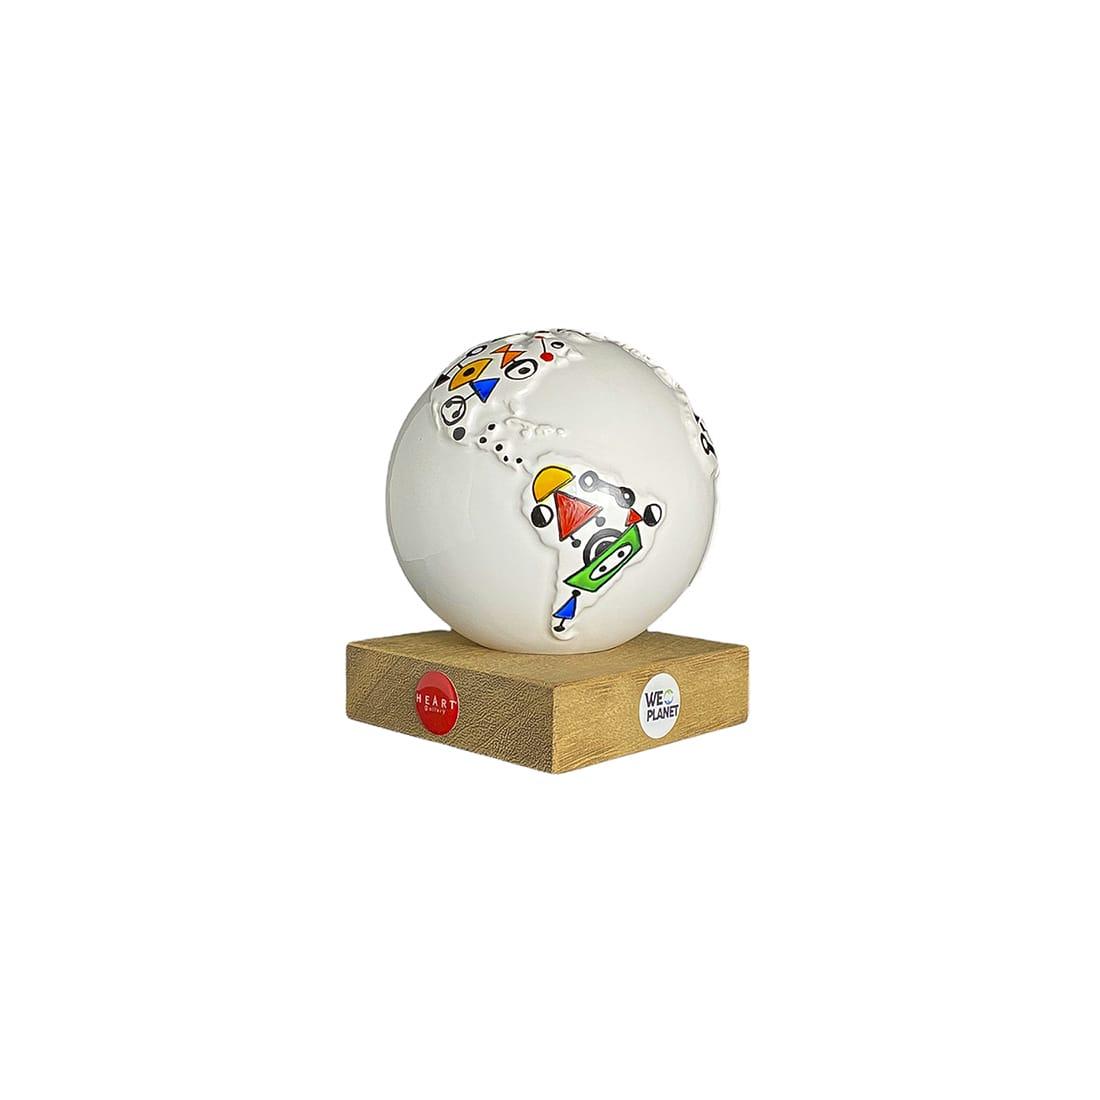 mappamondo design bianco con decorazioni colorate dalle forme tratte dalle opere di Calder